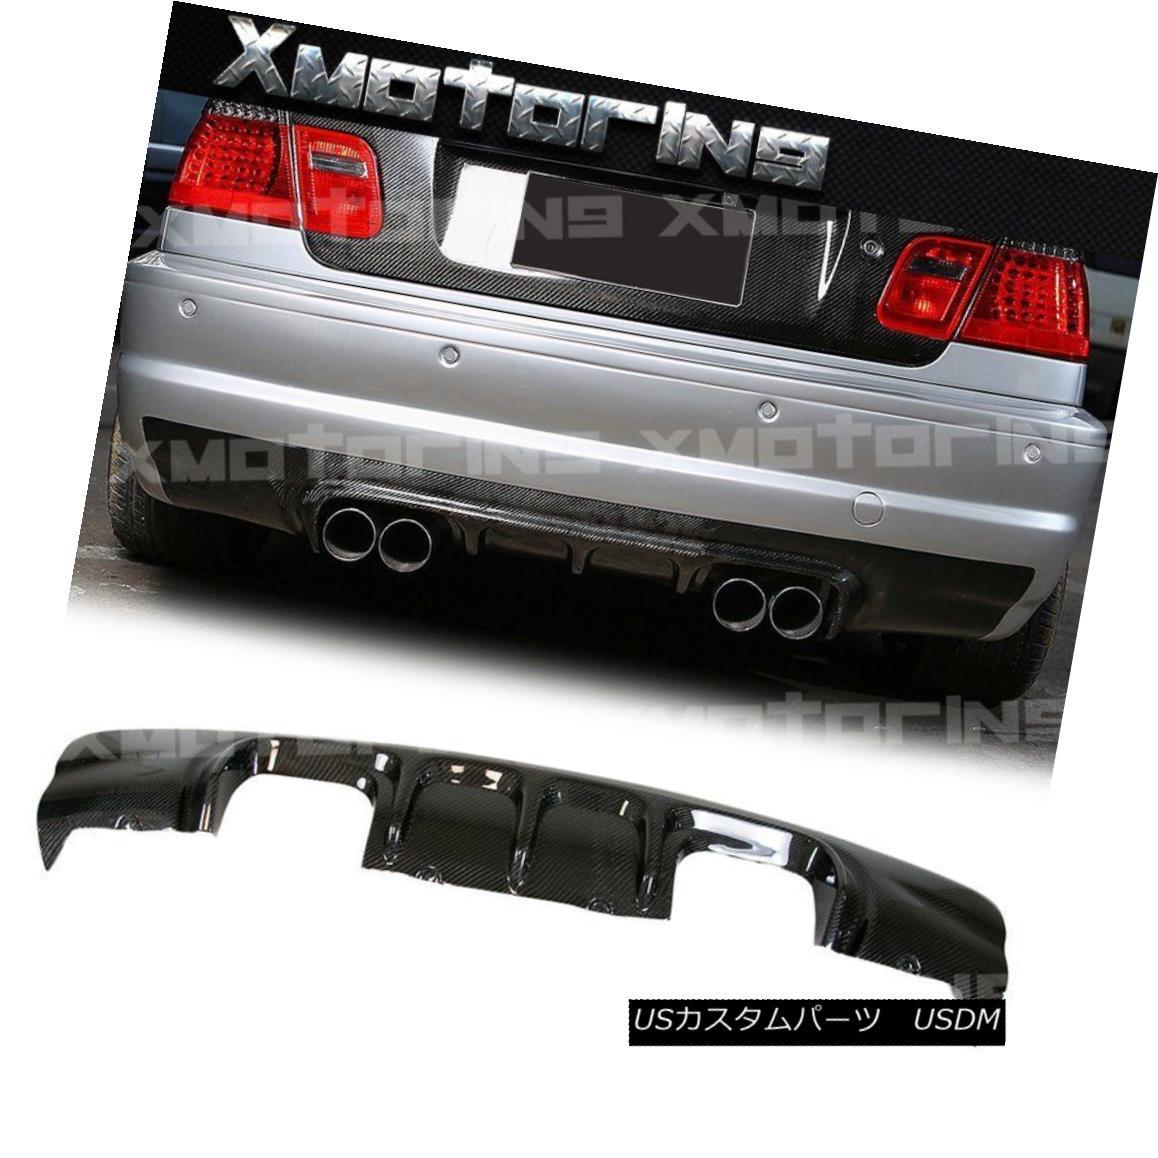 エアロパーツ V Look Carbon Fiber Rear Replaced Diffuser For 01-06 BMW E46 Coupe 2DR M3 Bumper Vルックカーボンファイバーリアディフューザーを01-06に交換BMW E46クーペ2DR M3バンパー